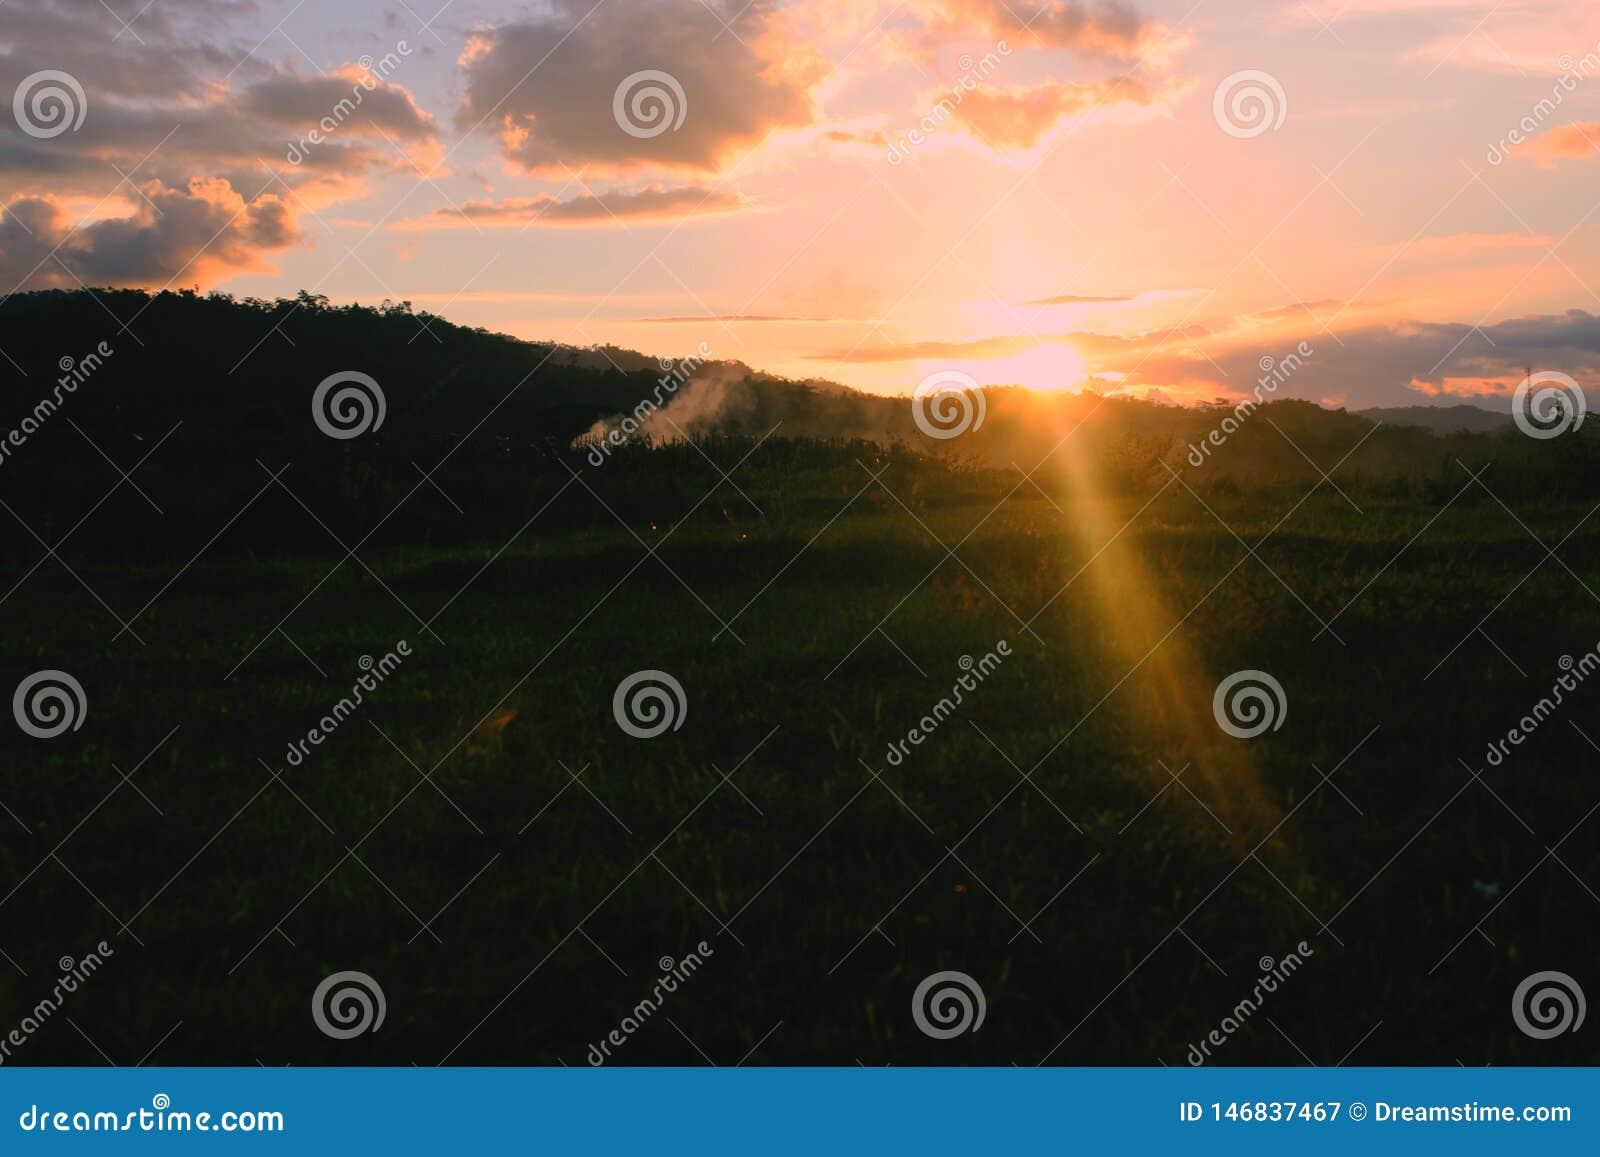 美好的日落视图下午